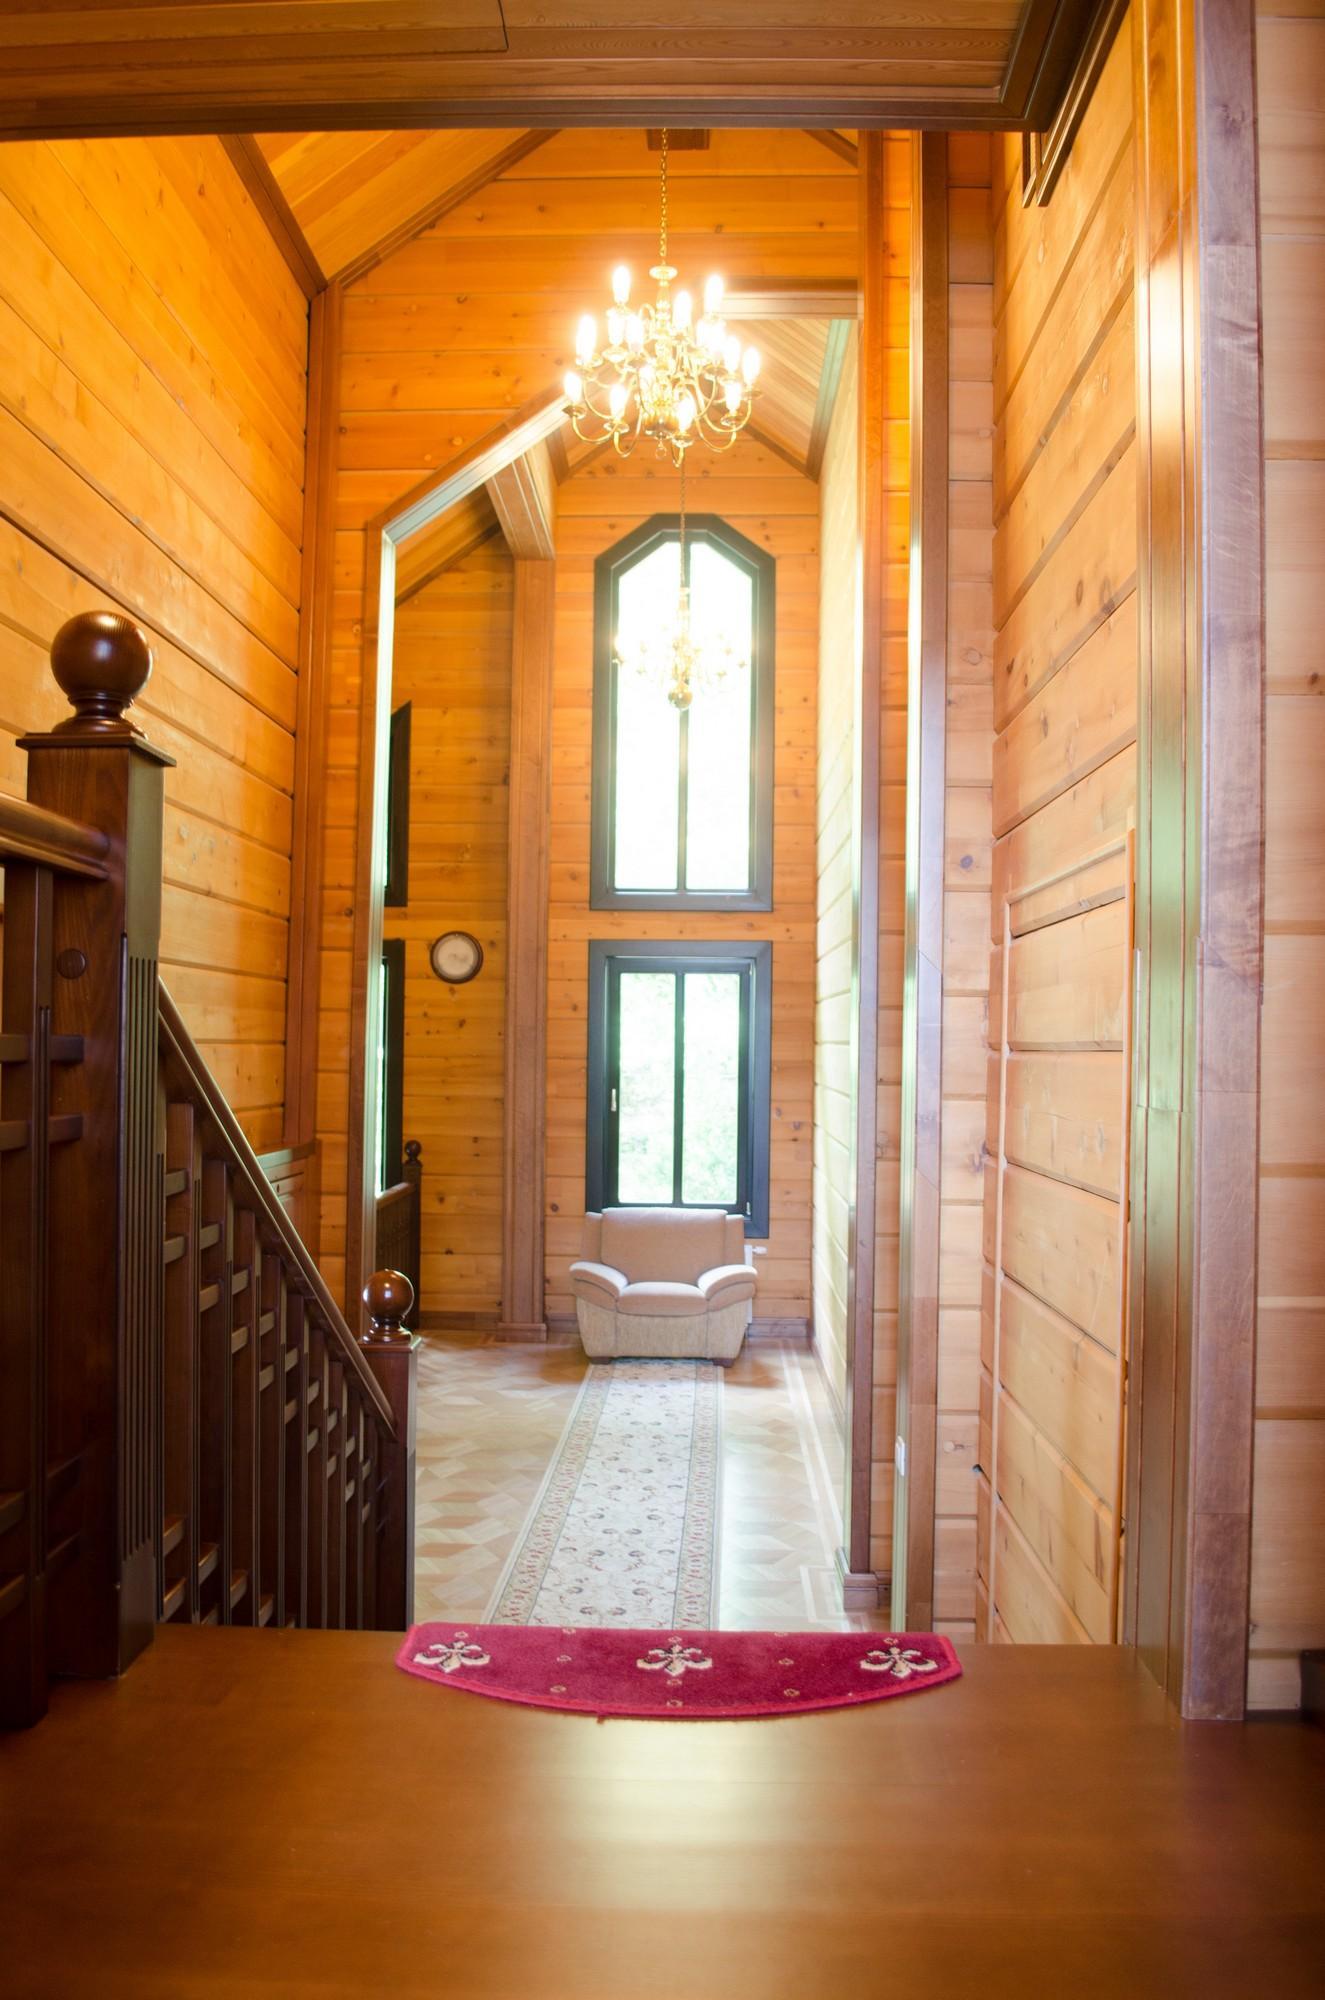 Продажа горной резиденции в Красной поляне - image prodazha-gostinicy-v-krasnoi-polyane-13 on https://bizneskvartal.ru